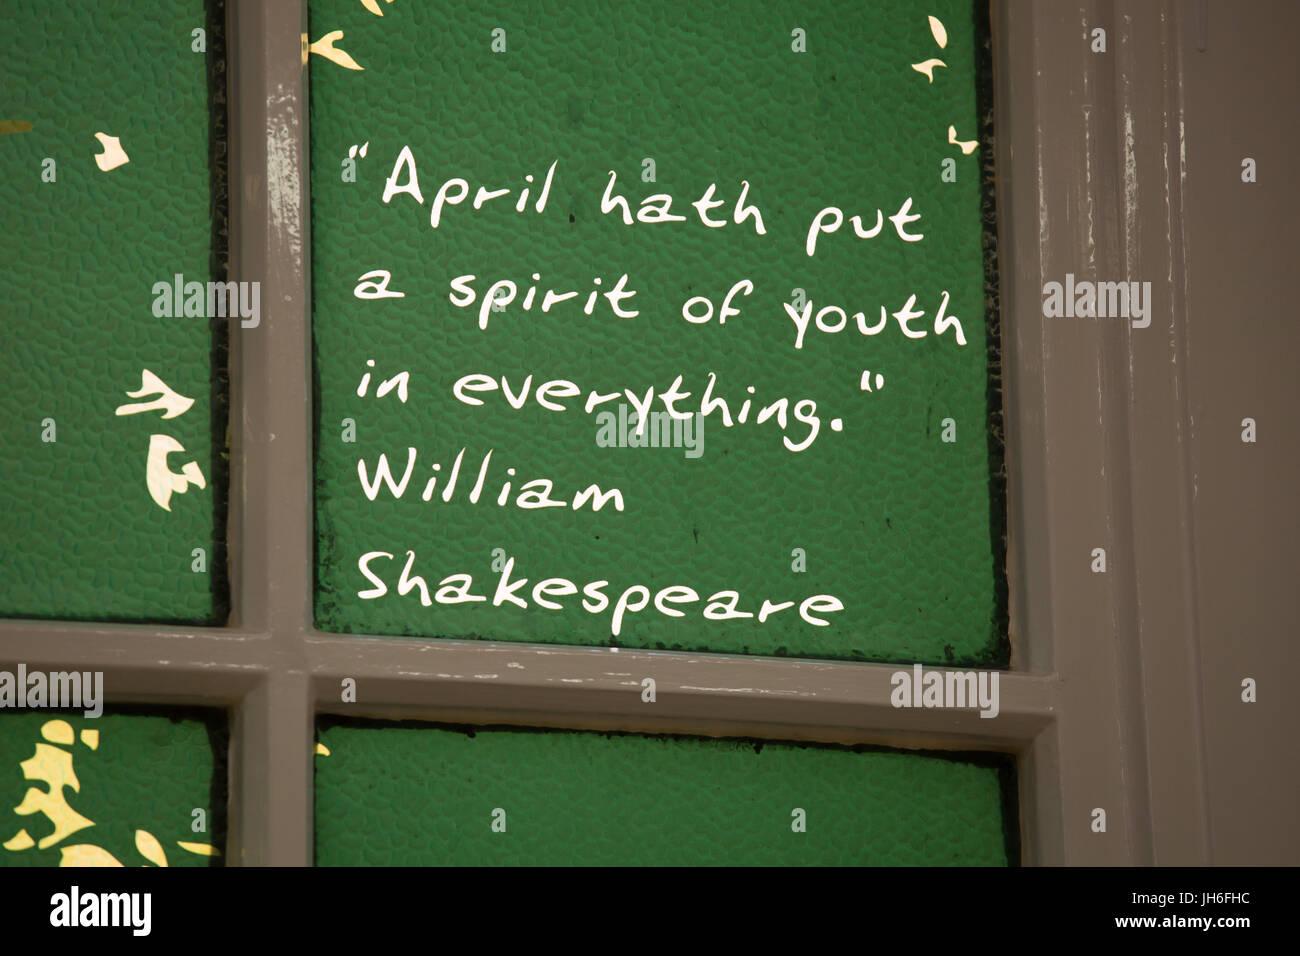 Zitate englisch deutsch william shakespeare William Shakespeare